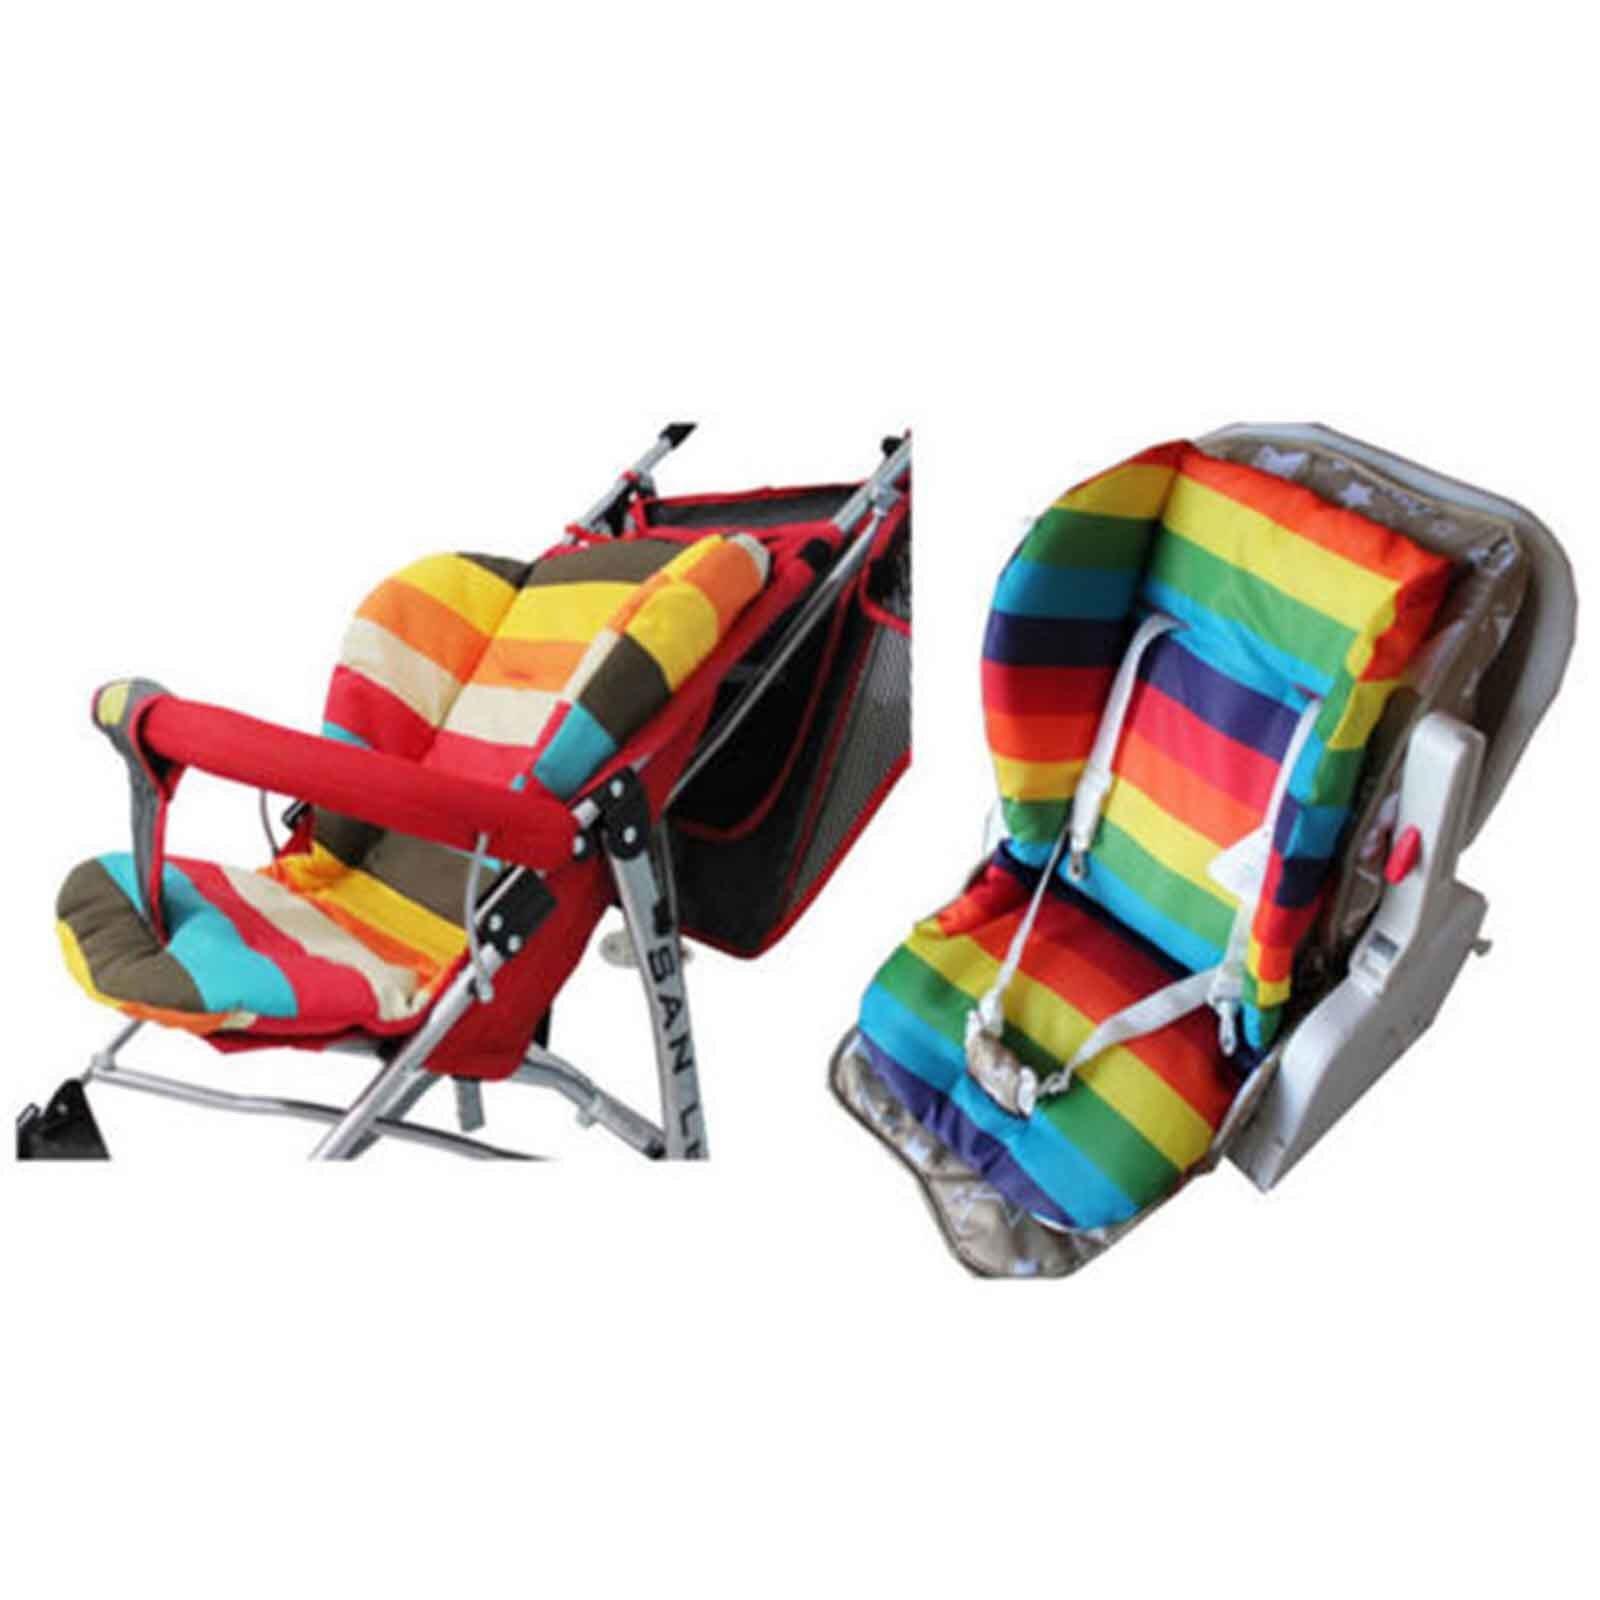 ของแท้ มีของแถม Unbranded/Generic อุปกรณ์เสริมรถเข็นเด็ก รถเข็นเด็กทารกสากล Buggy รถเข็นเด็กจักรยานขวดที่วางแก้ว + Carabiner - INTL เคลมสินค้าได้